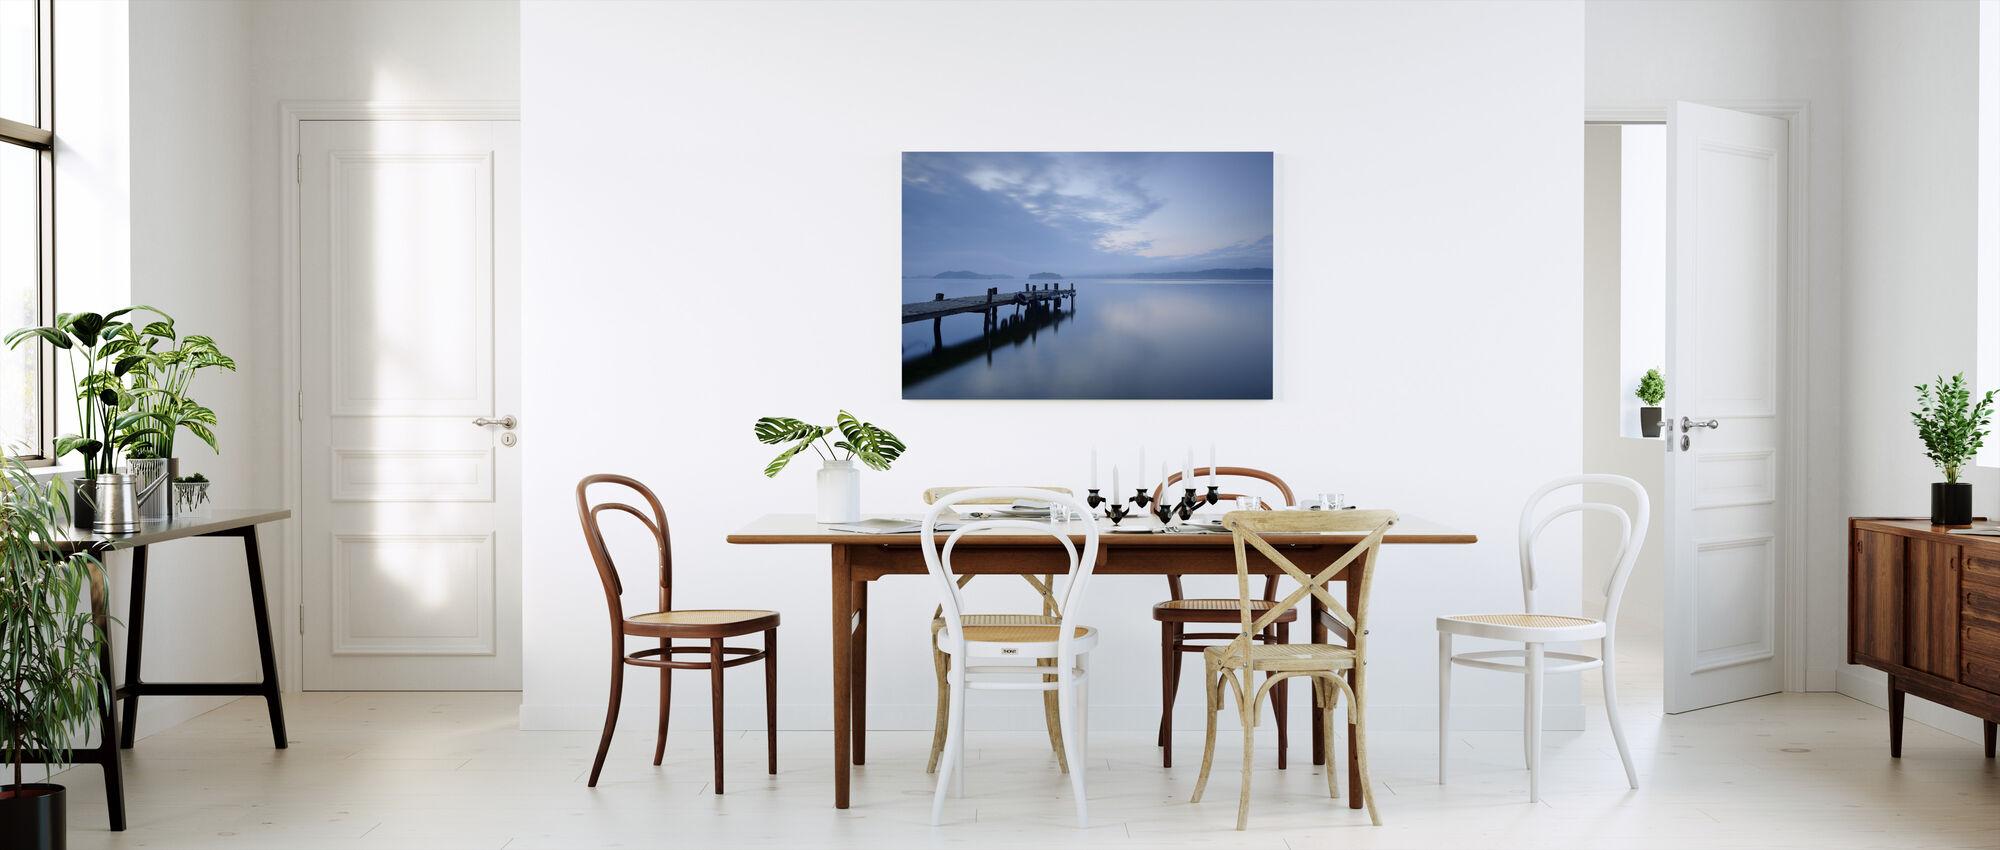 Trebrygge i Still Lake - Lerretsbilde - Kjøkken